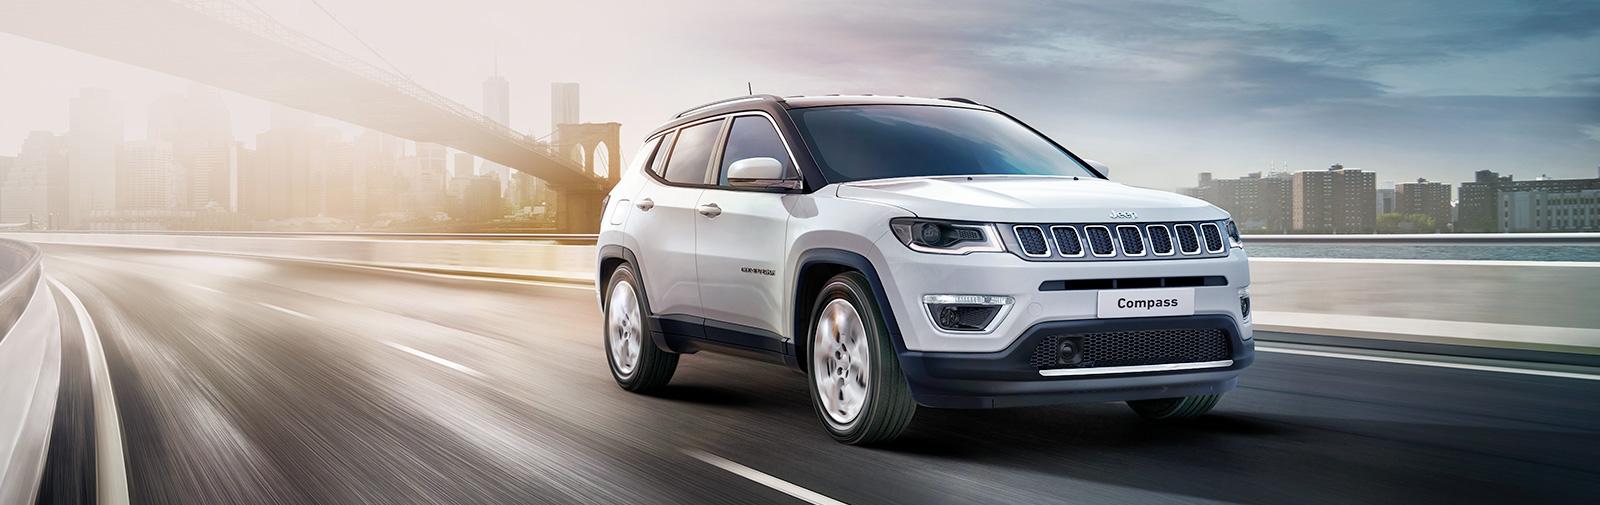 Jeep SUV & 4x4 Models | Car Offers | Jeep® Qatar United Cars Almana